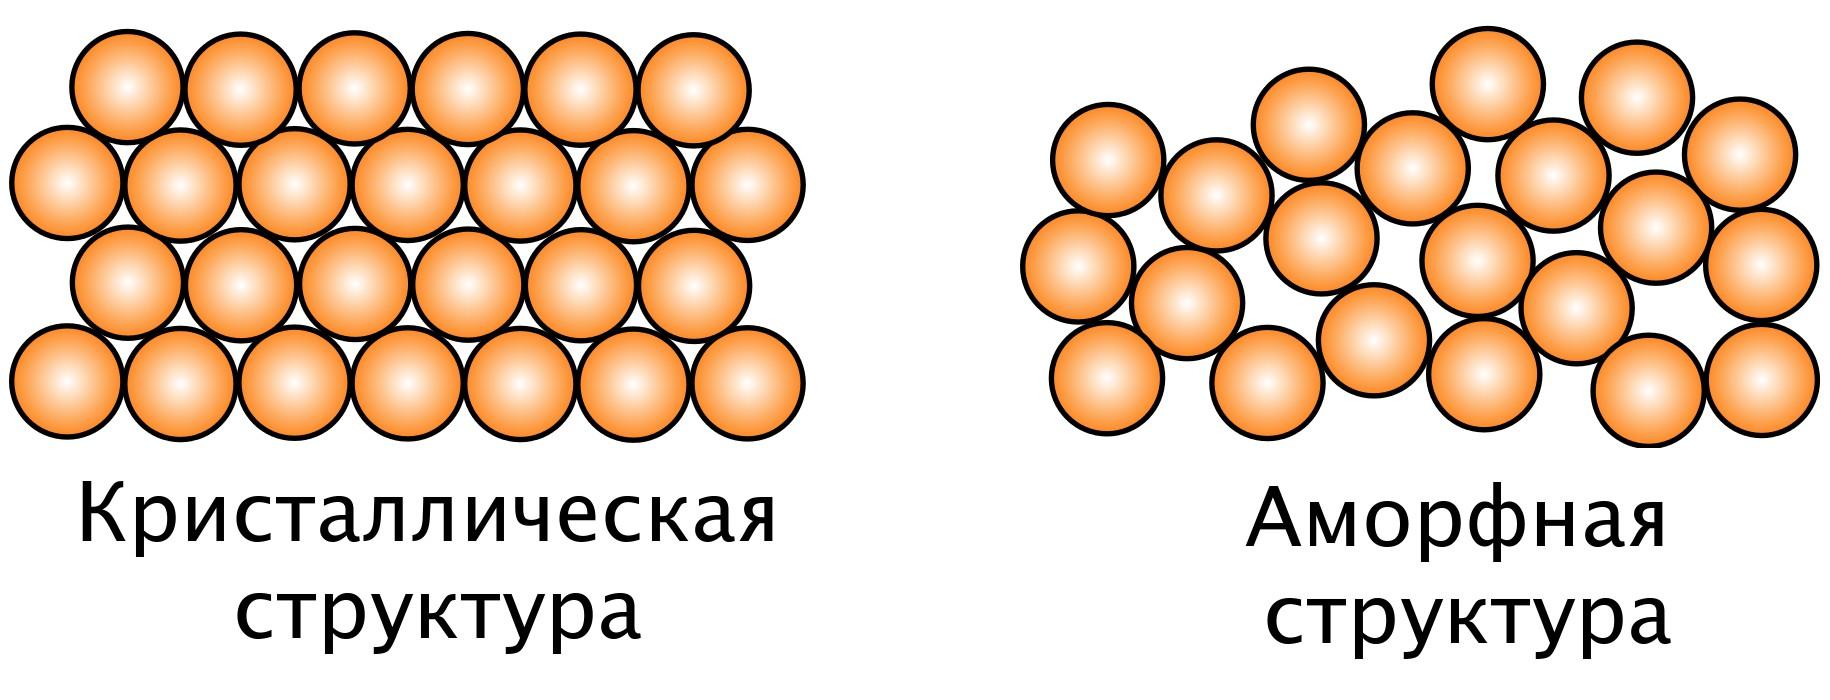 Пластичность и сила: упрочнение интерметаллида без акцента на дислокации - 2